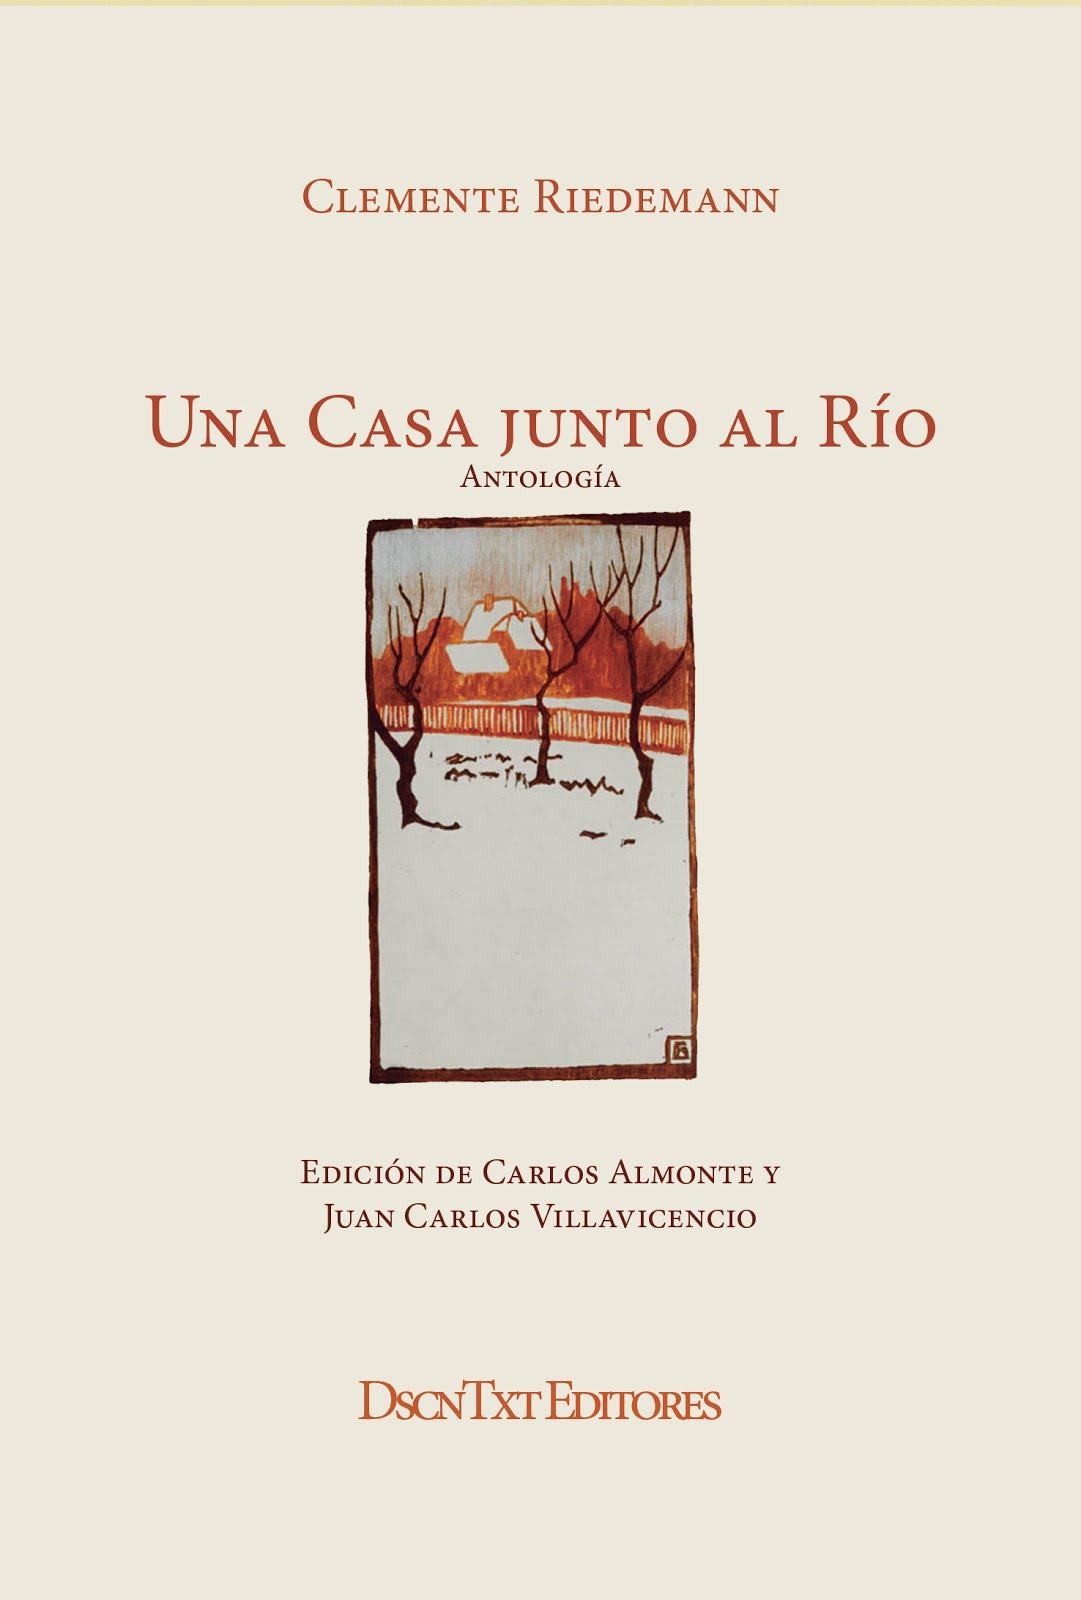 Una casa junto al río, de Clemente Riedemann. Edición de Almonte y Villavicencio